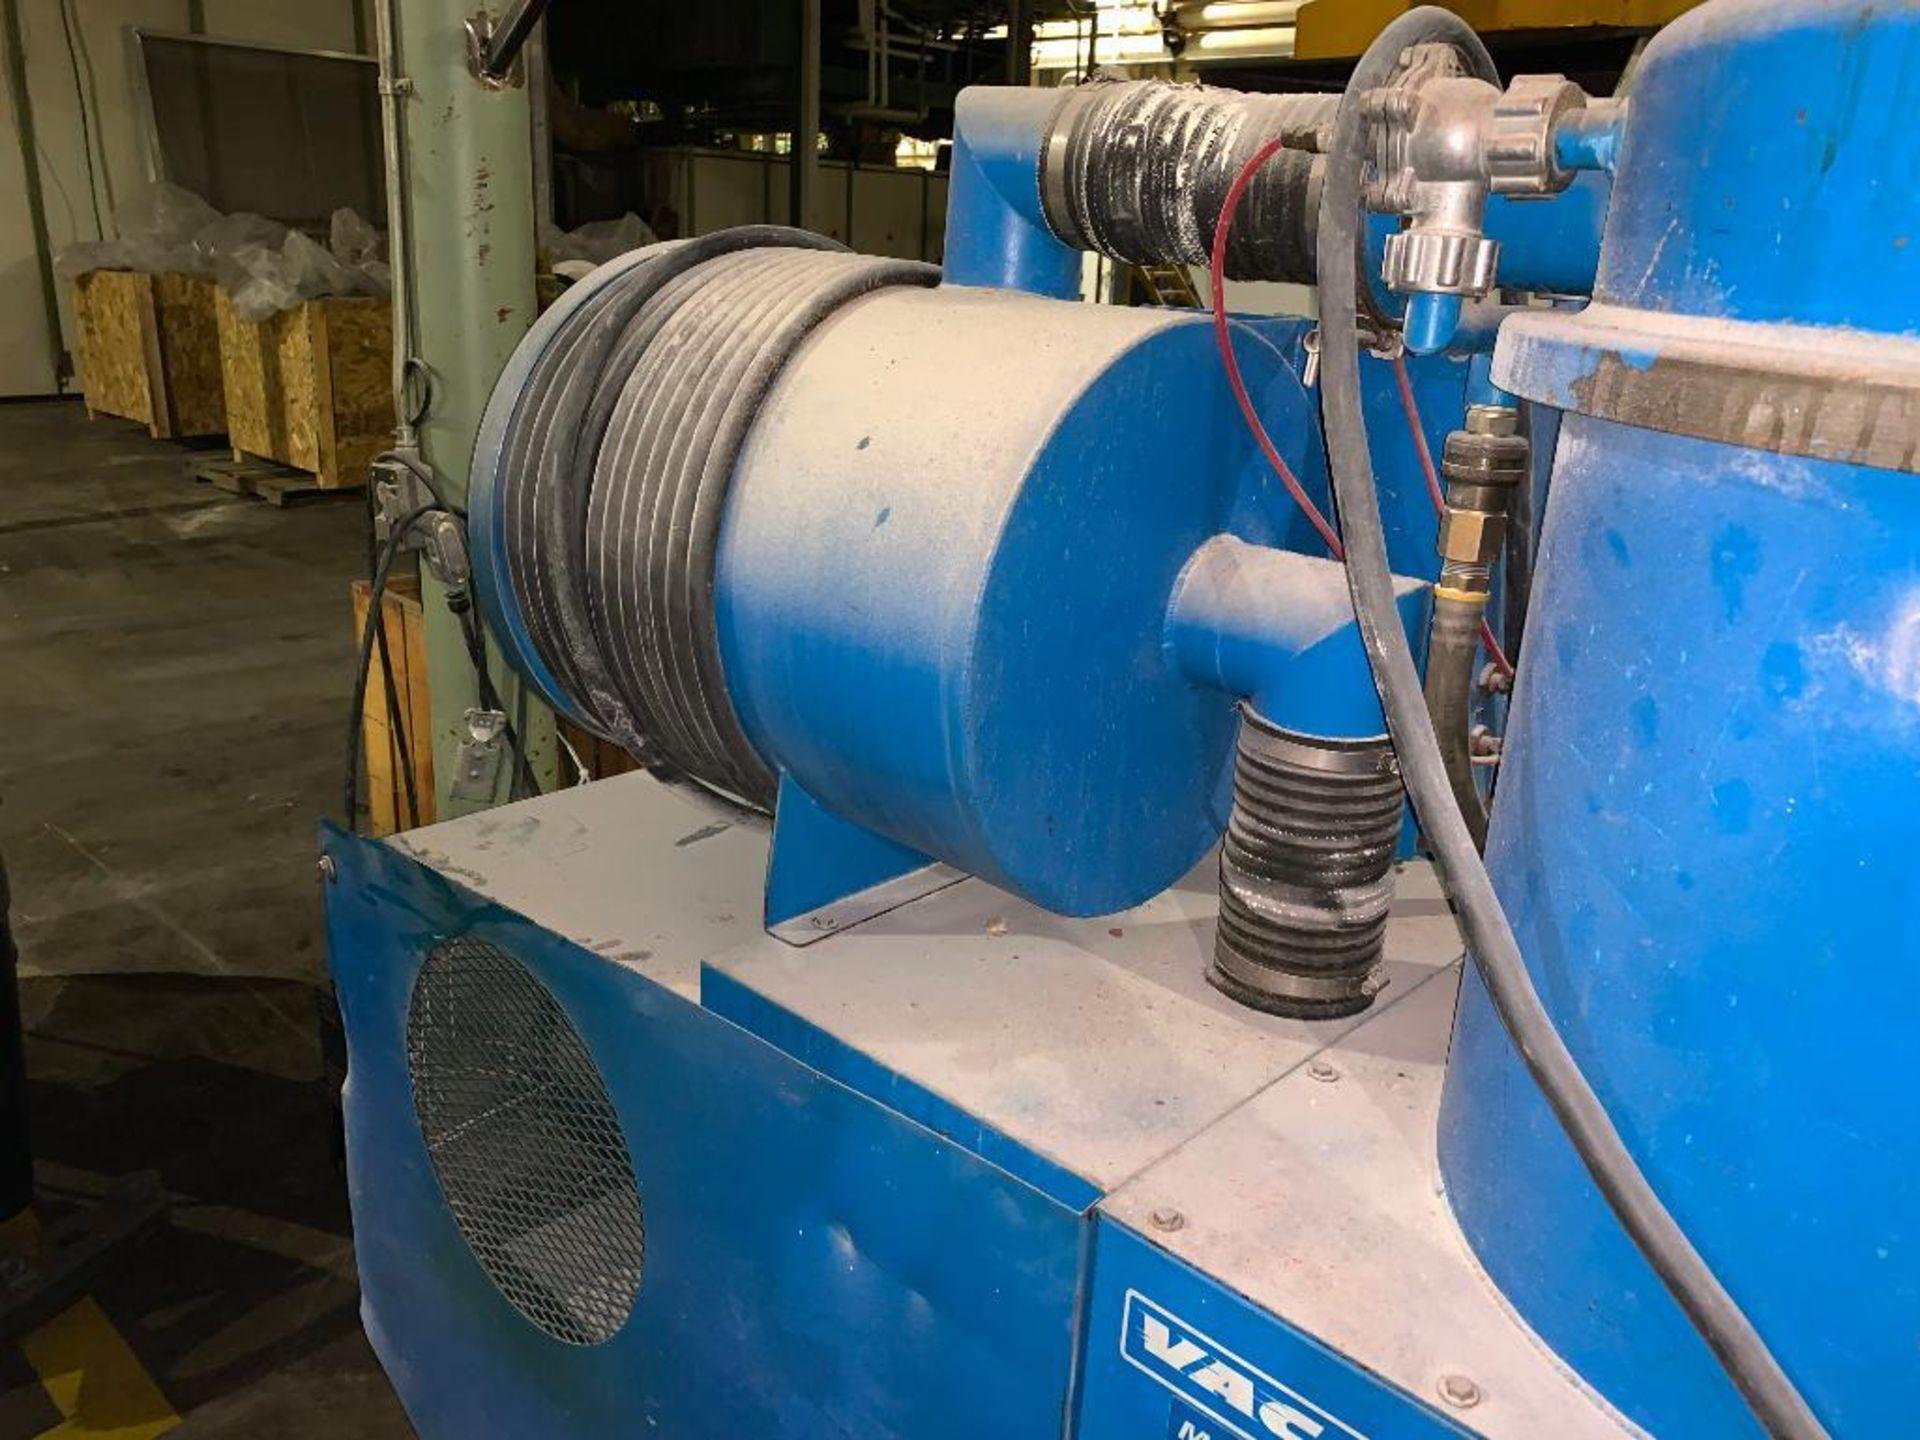 Vac-U-Max industrial vacuum - Image 4 of 6